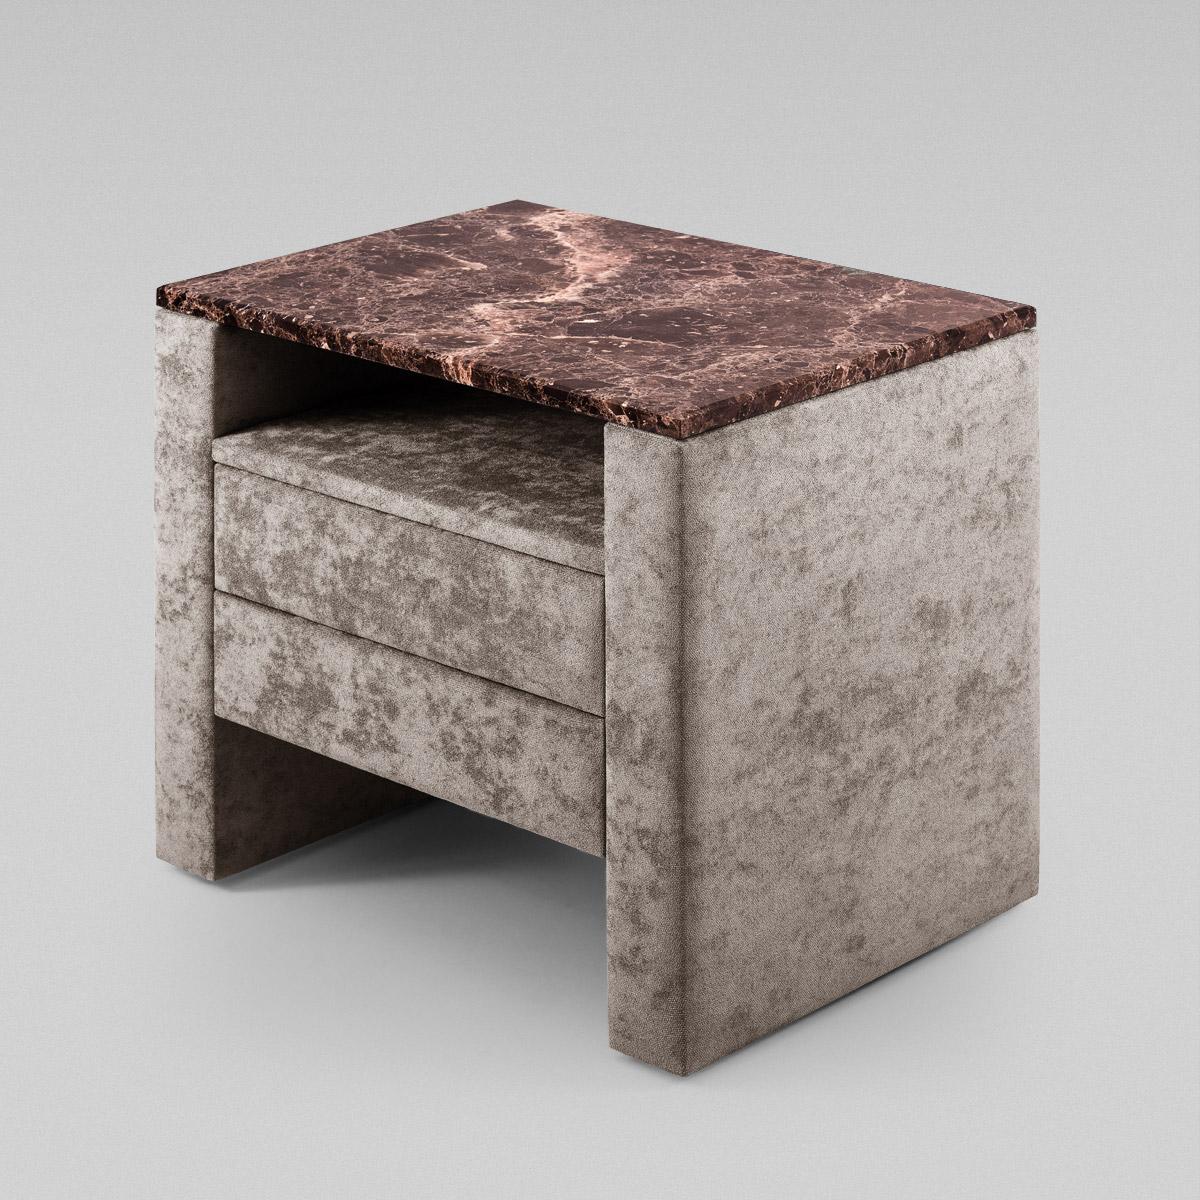 table de nuit h60 Table de Nuit H60 colunex h60 side table 01